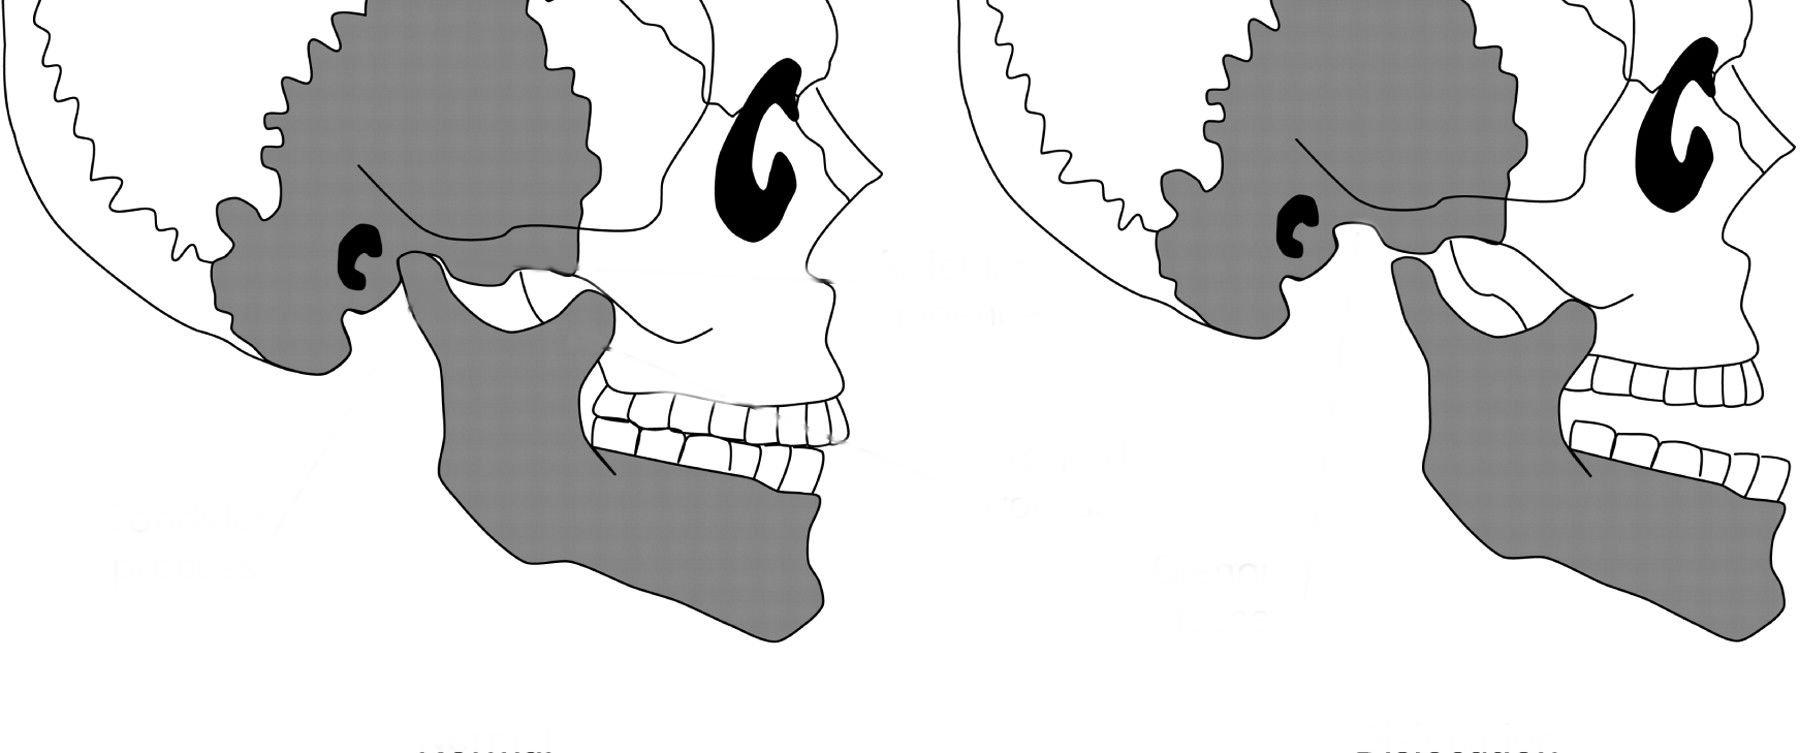 tmj-anatomy-pdf-i6